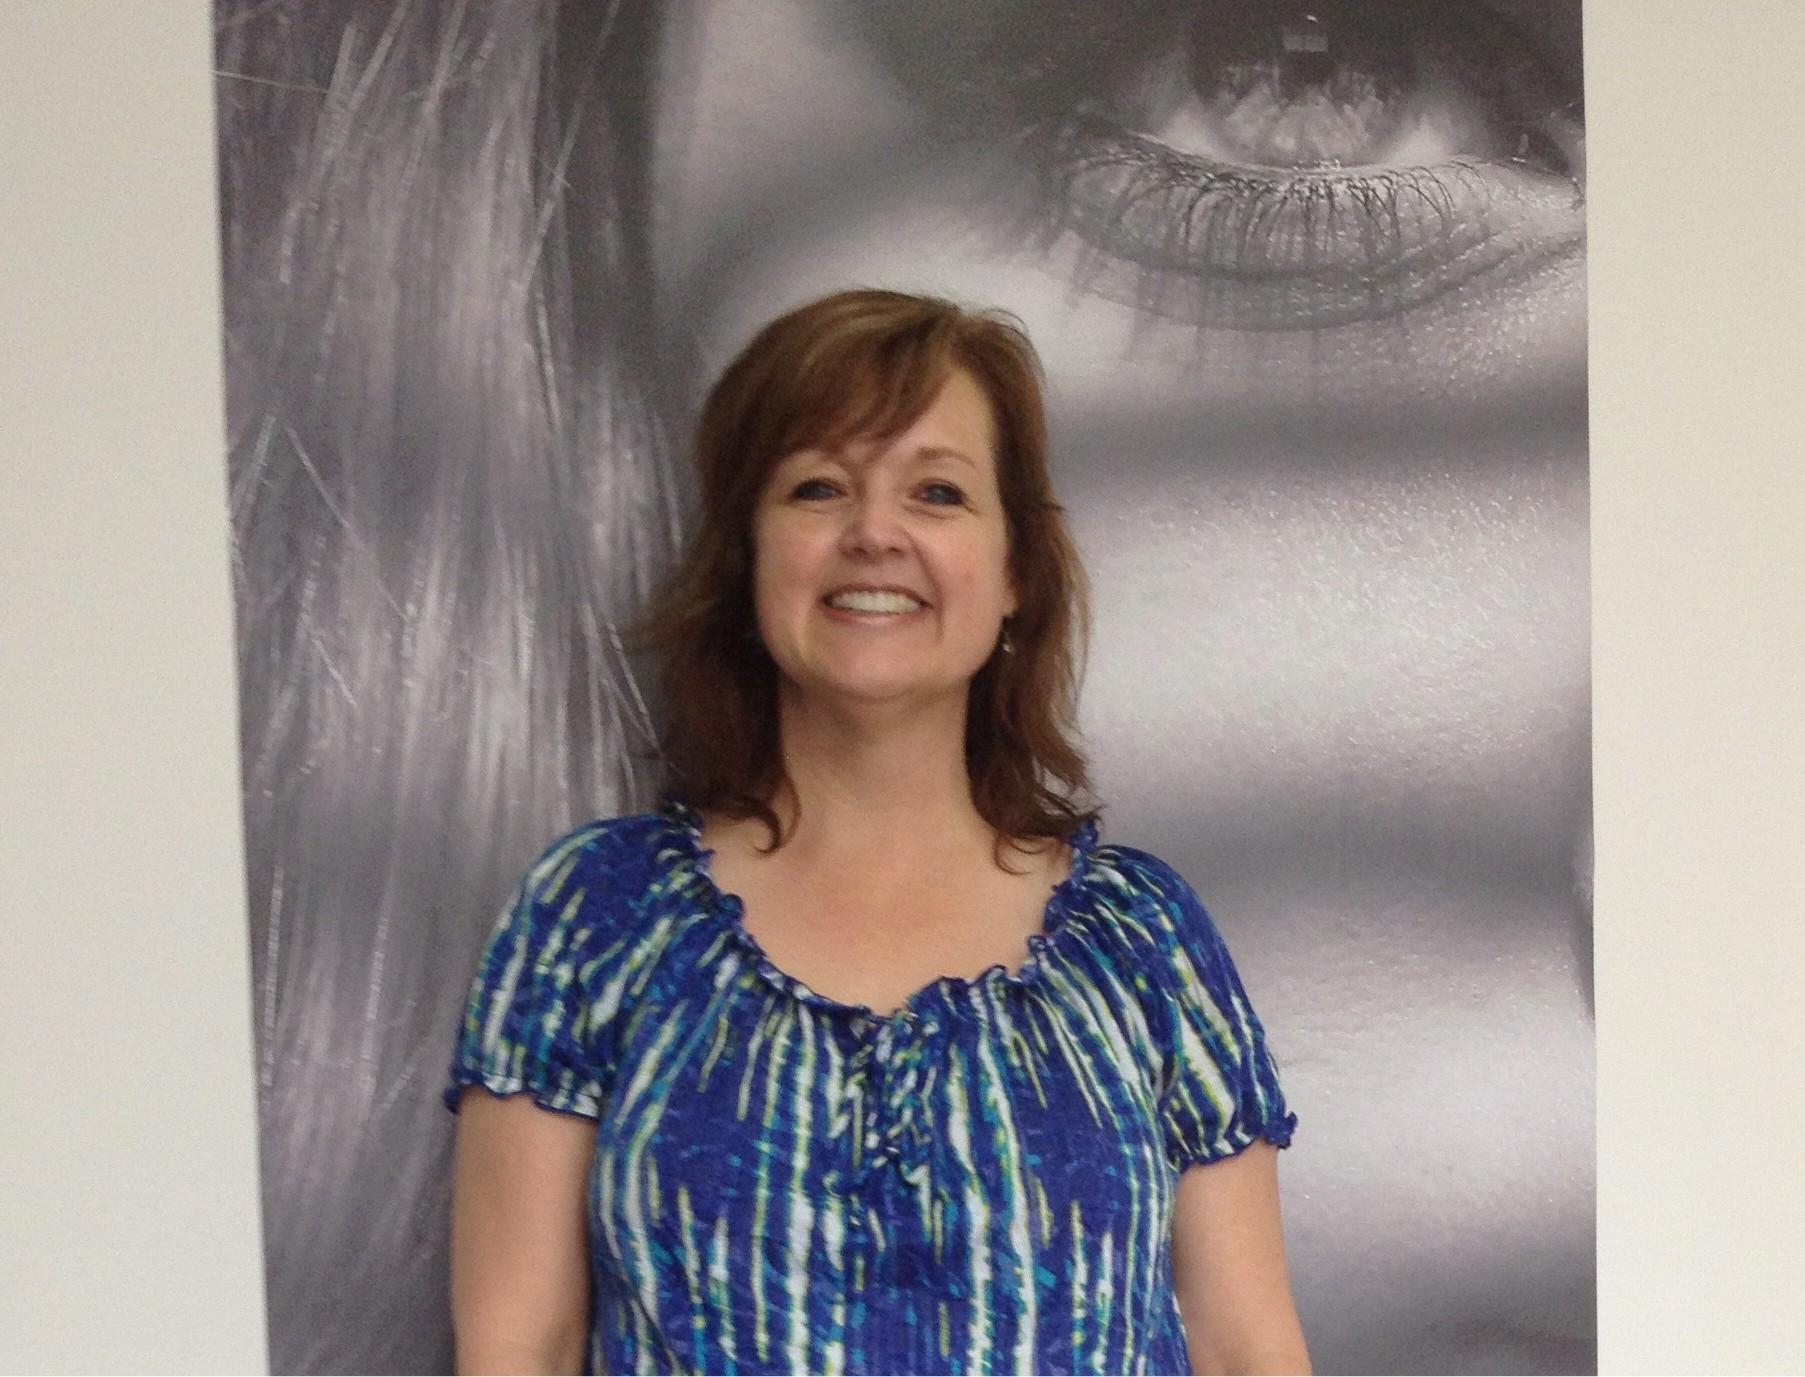 Investigación Etnográfica, con Melinda Rea-Holloway